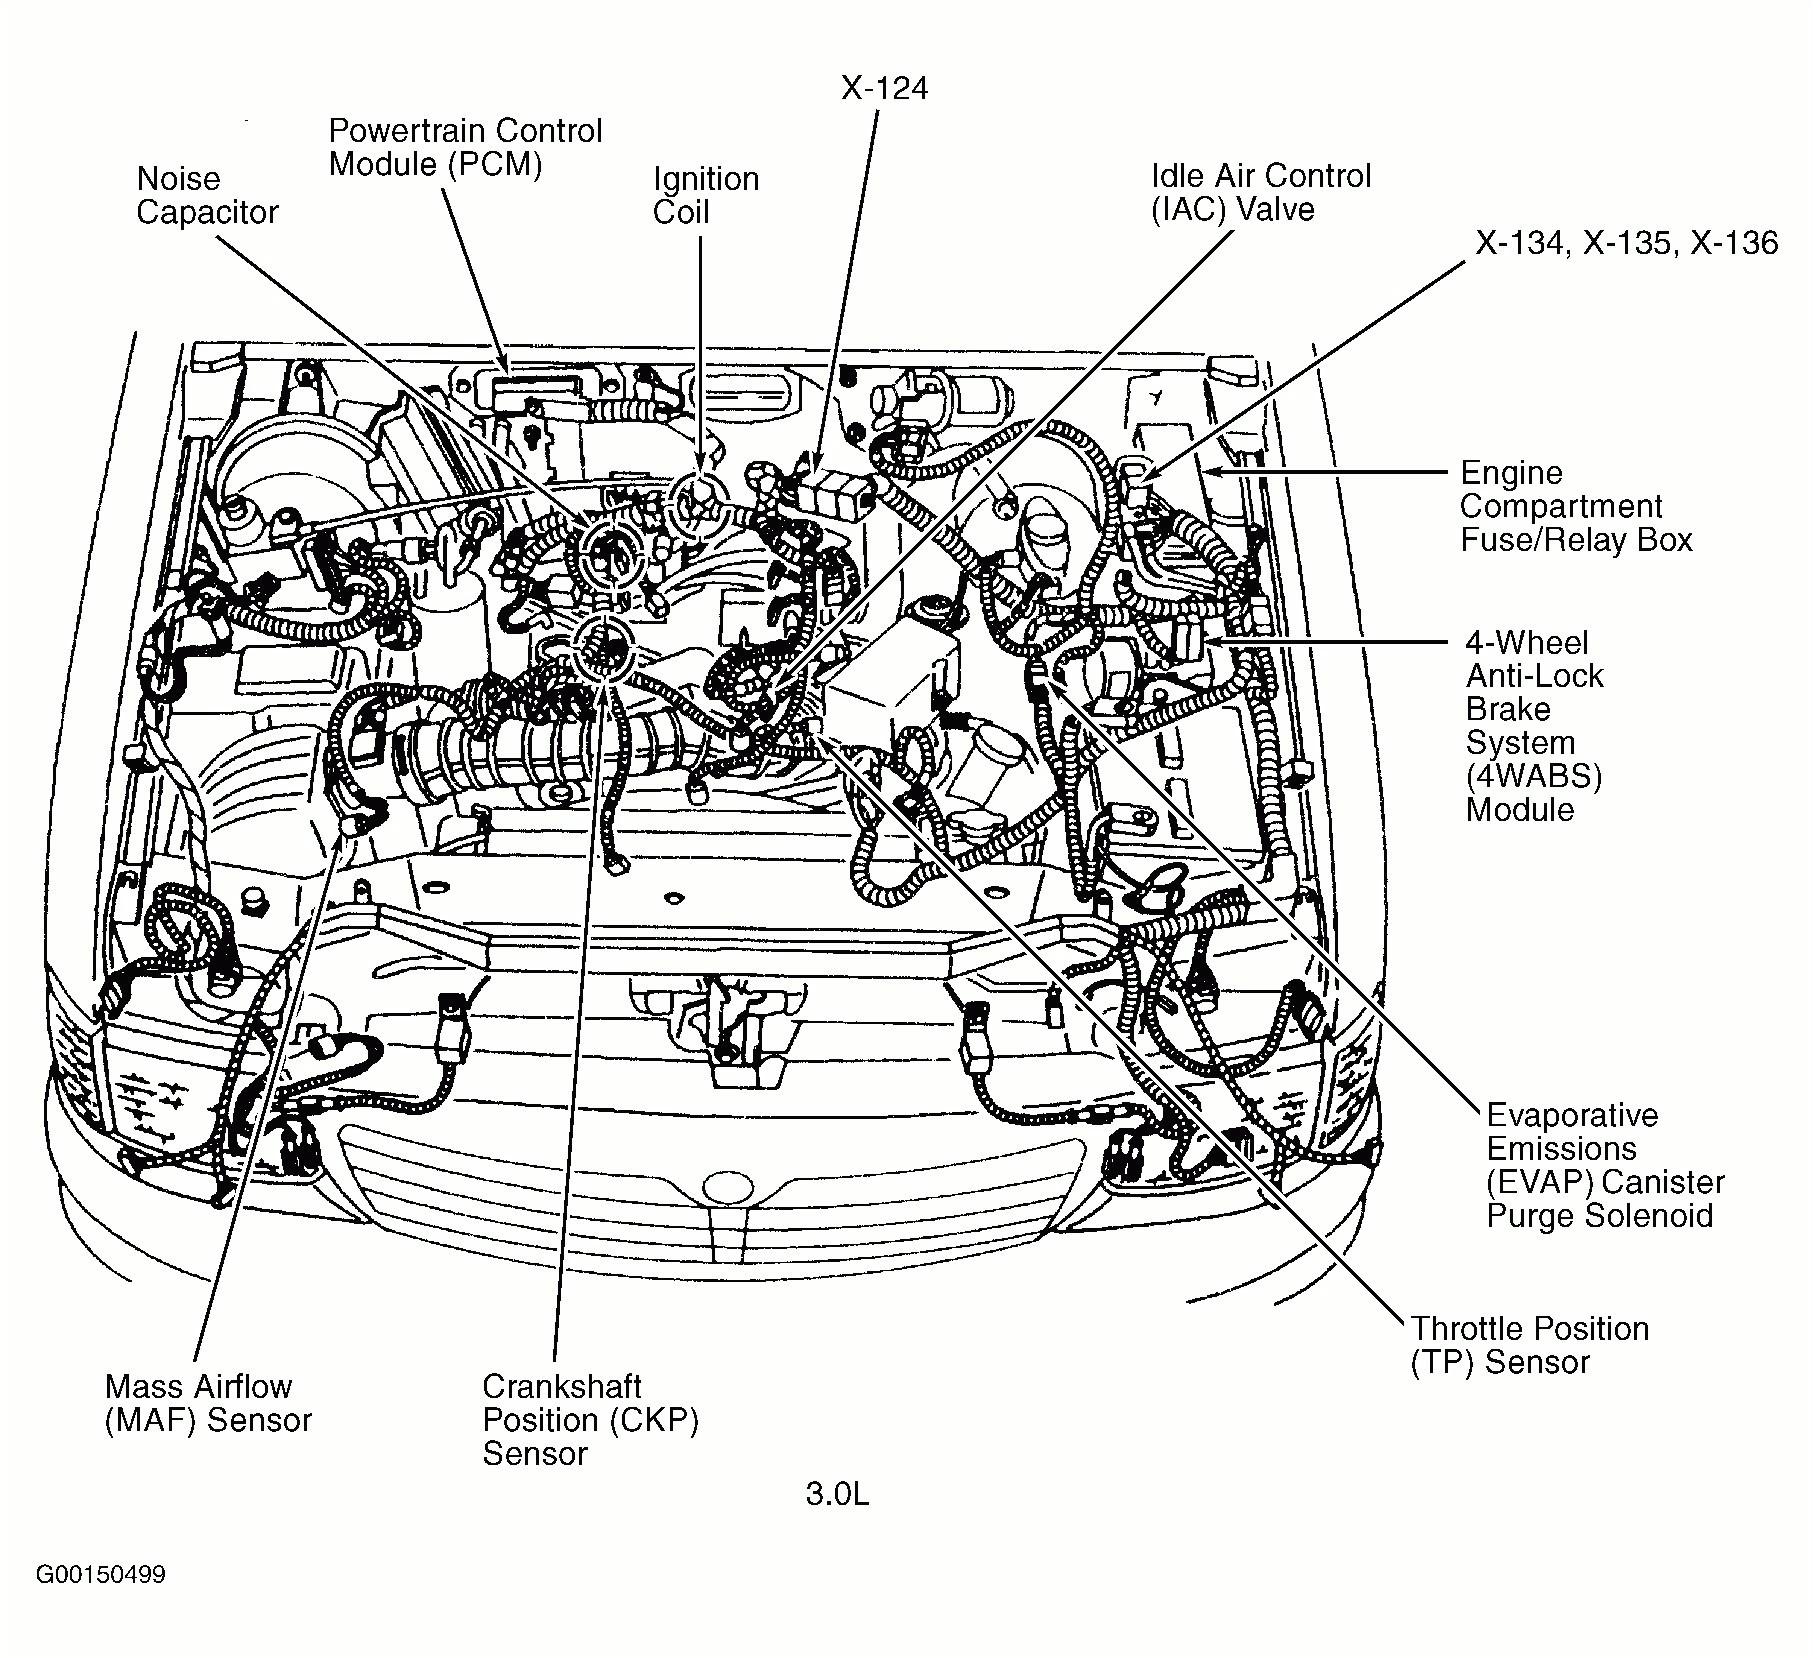 2010 mazda 3 engine diagram wiring diagrams for mazda 3 mazda wiring diagrams instructions of 2010 mazda 3 engine diagram jpg